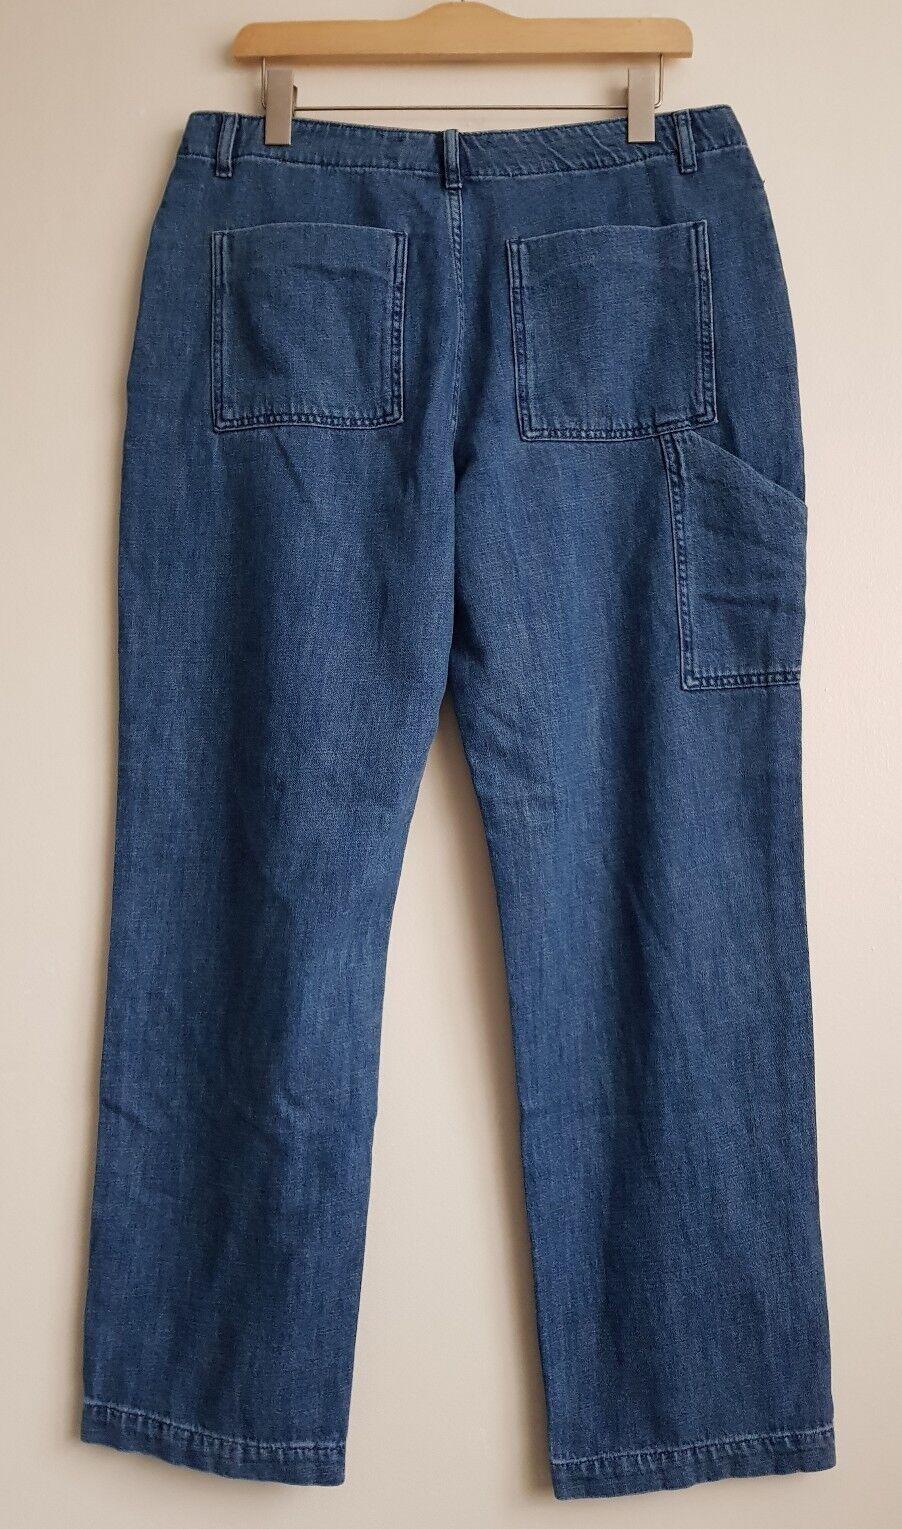 Bethnals Carpenter Unisex Jeans Jeans Jeans W36 L32 042227